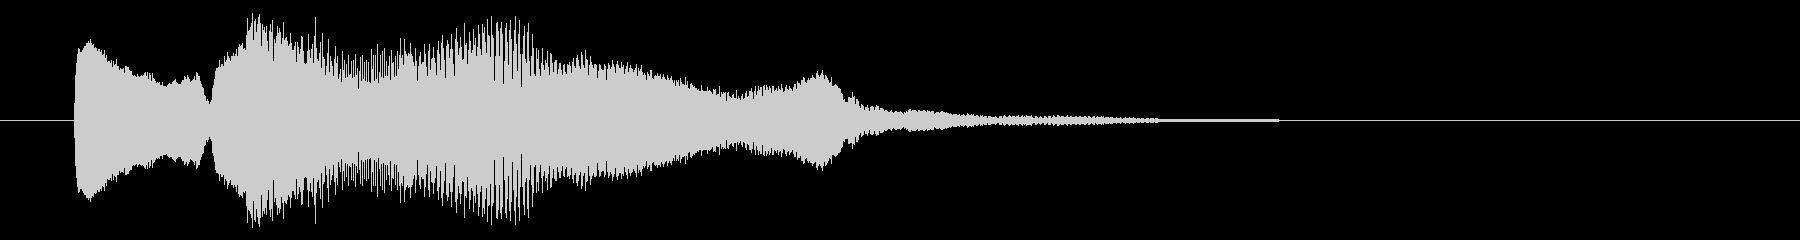 8ビット風システム音-03-3_dryの未再生の波形